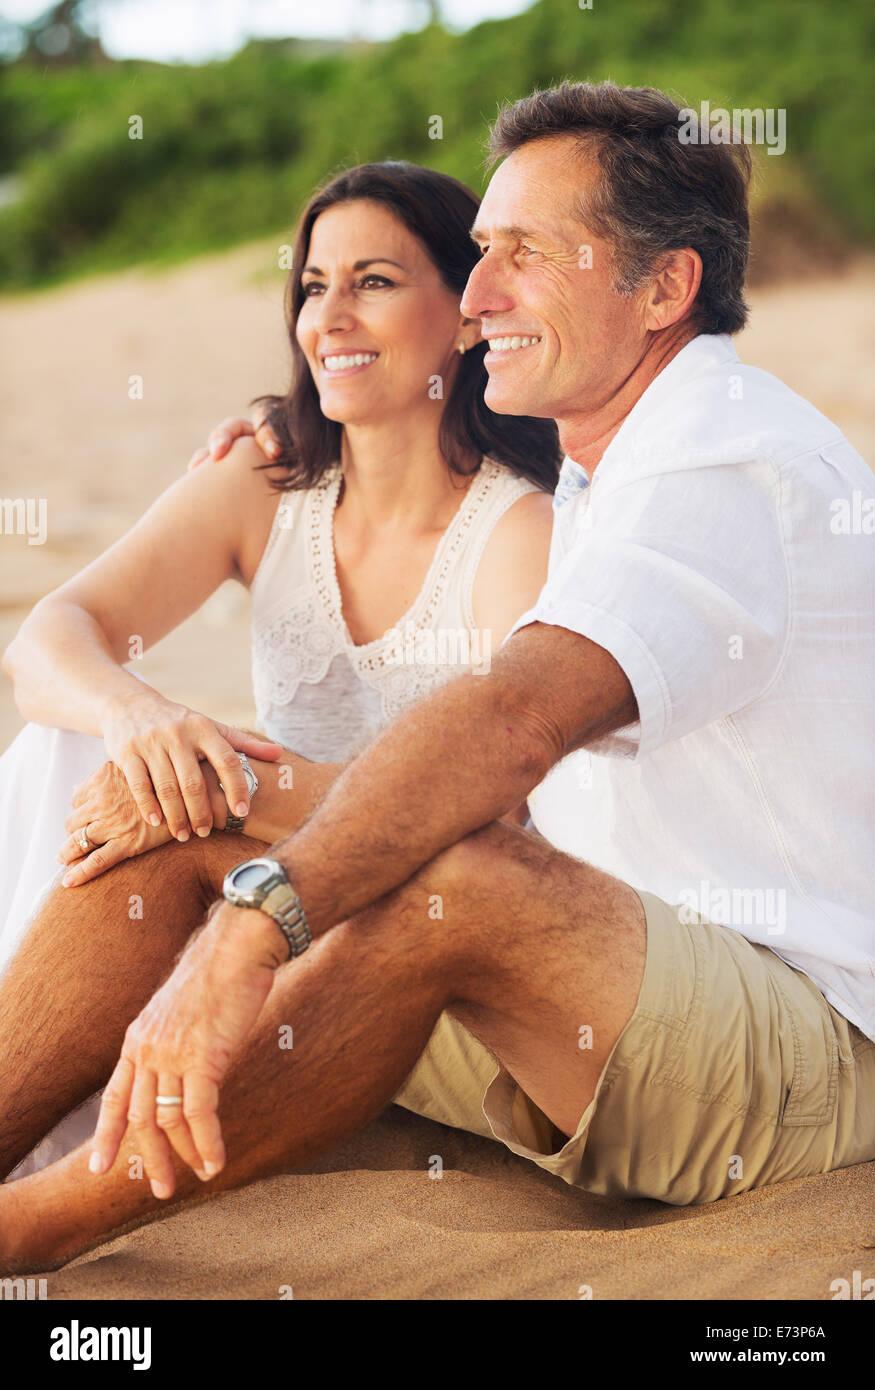 Romantica felice Coppia Matura godersi il tramonto sulla spiaggia Immagini Stock